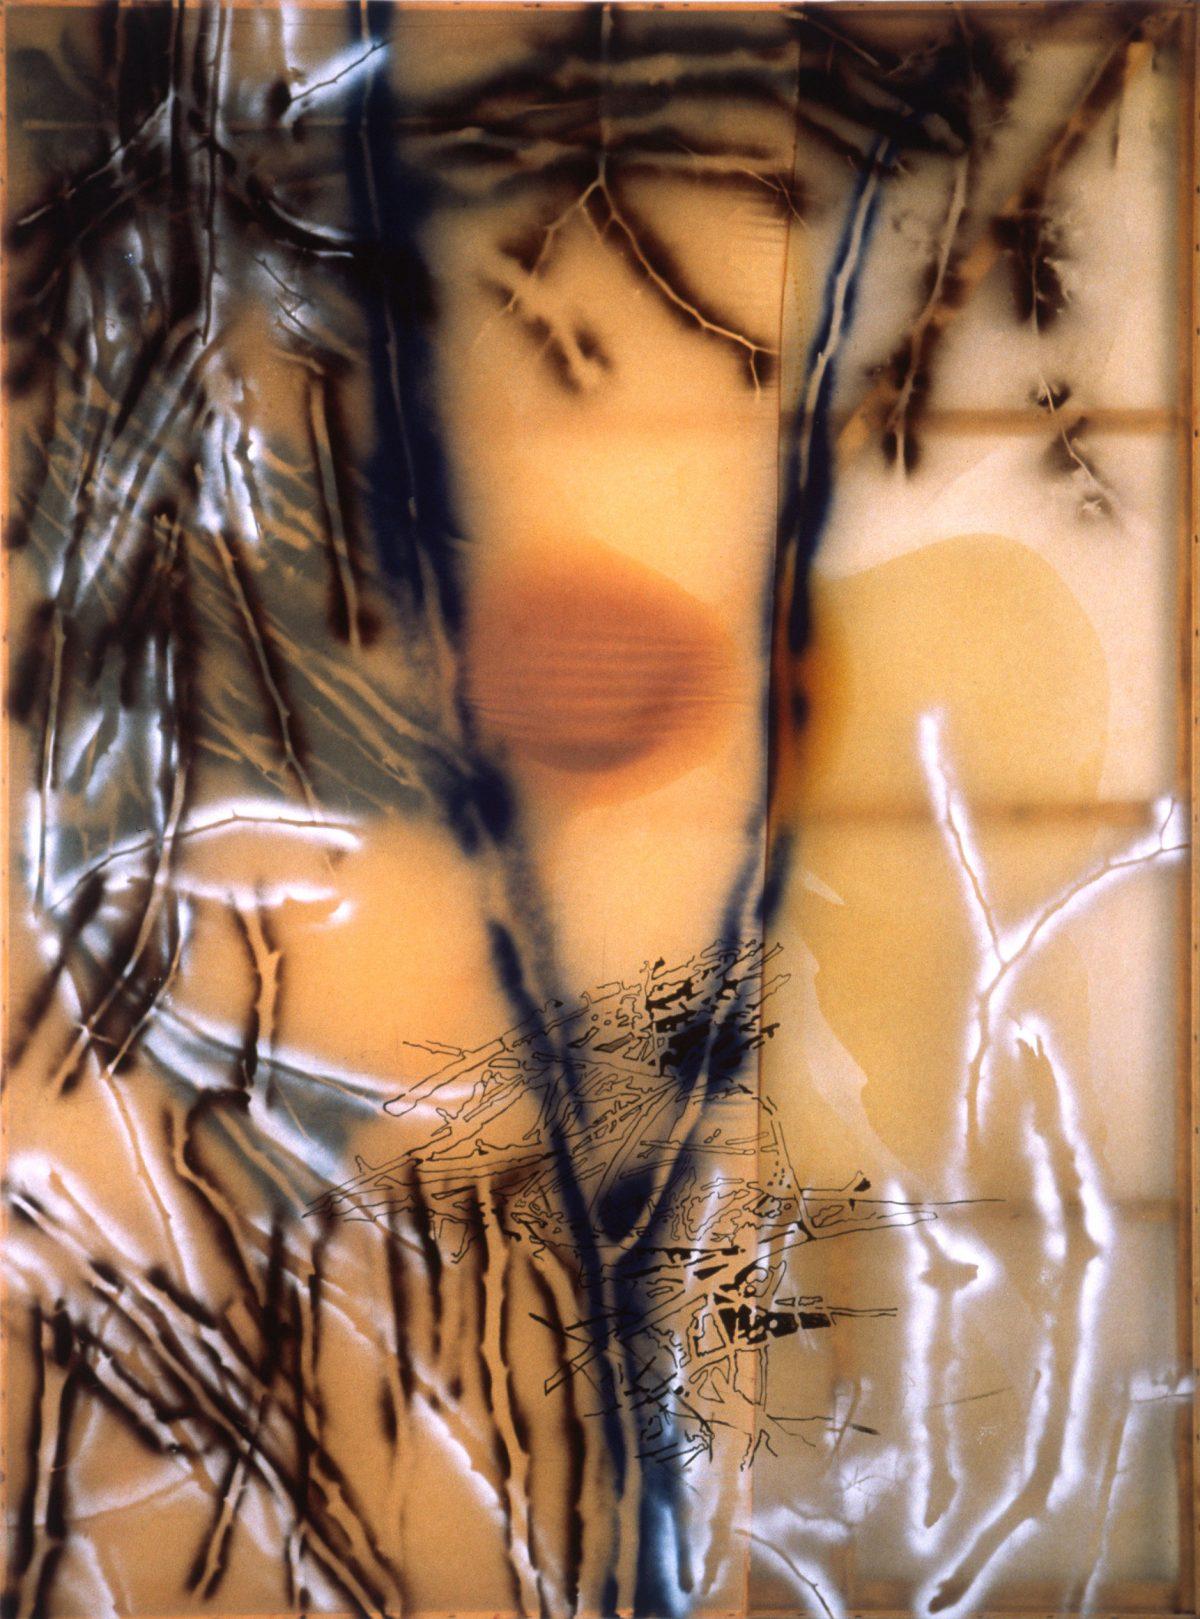 Beaver/Bear, 1989, Sigmar Polke, Résine de polyester, acrylique, peinture aérosol et graphite sur toile.